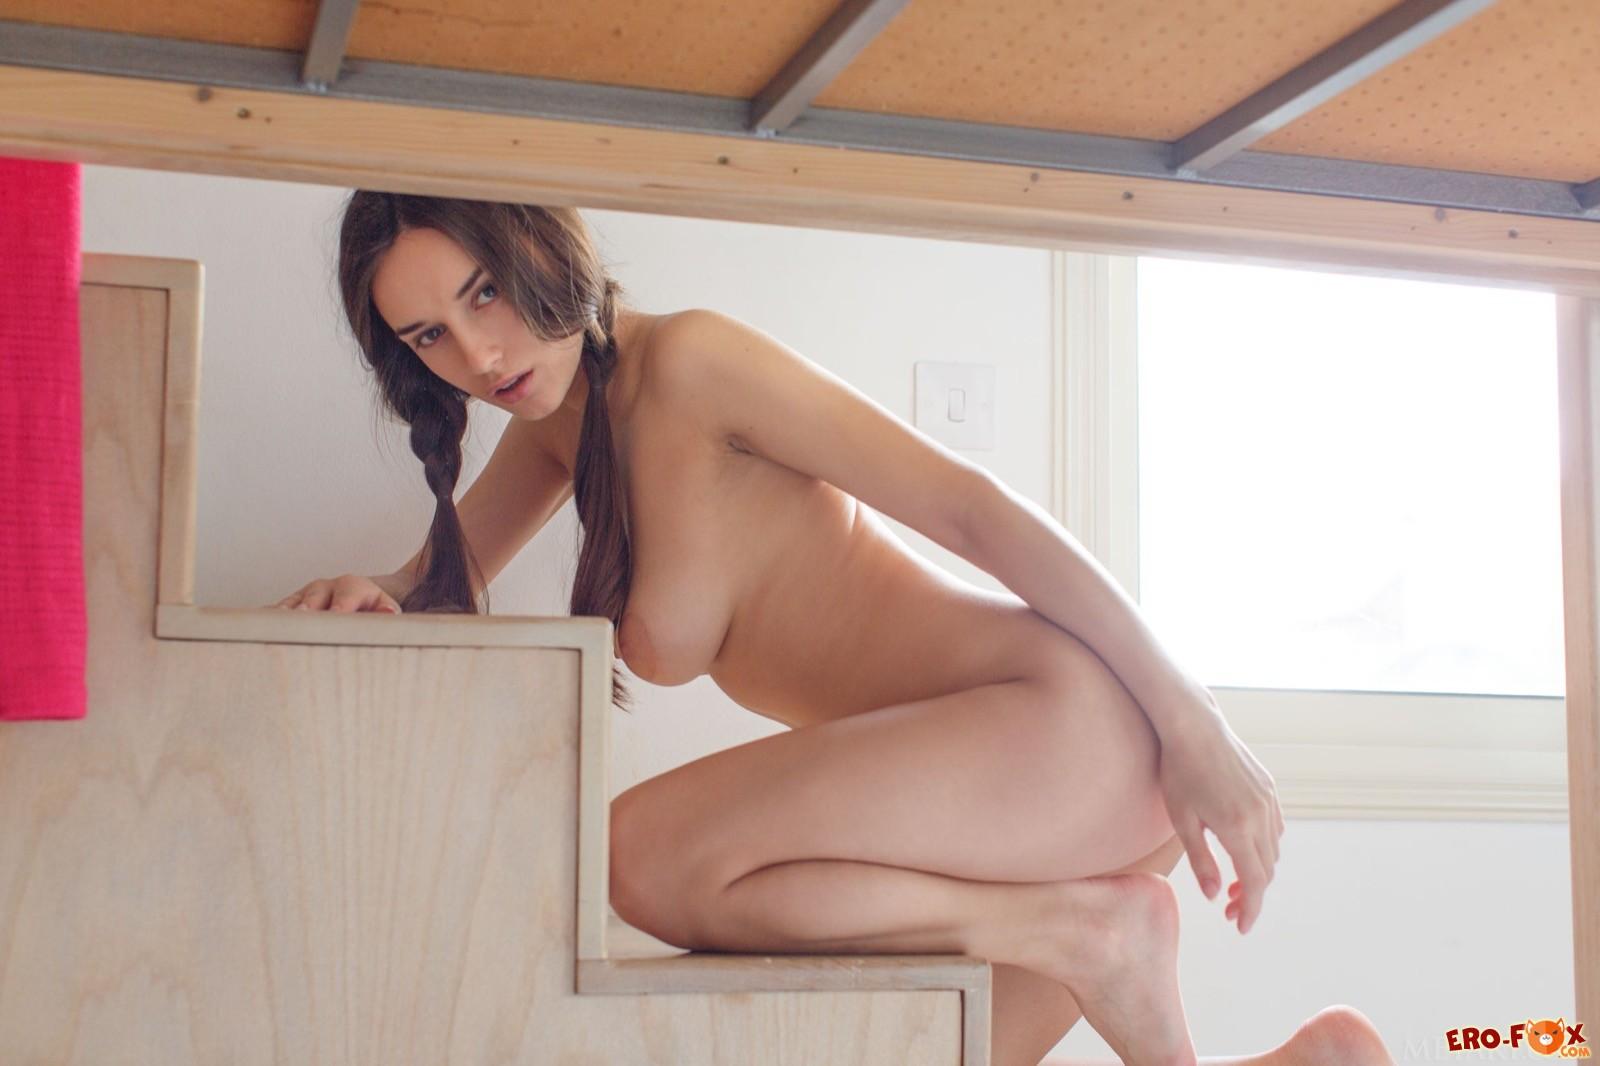 Привлекательная голая девушка с натуральной грудью